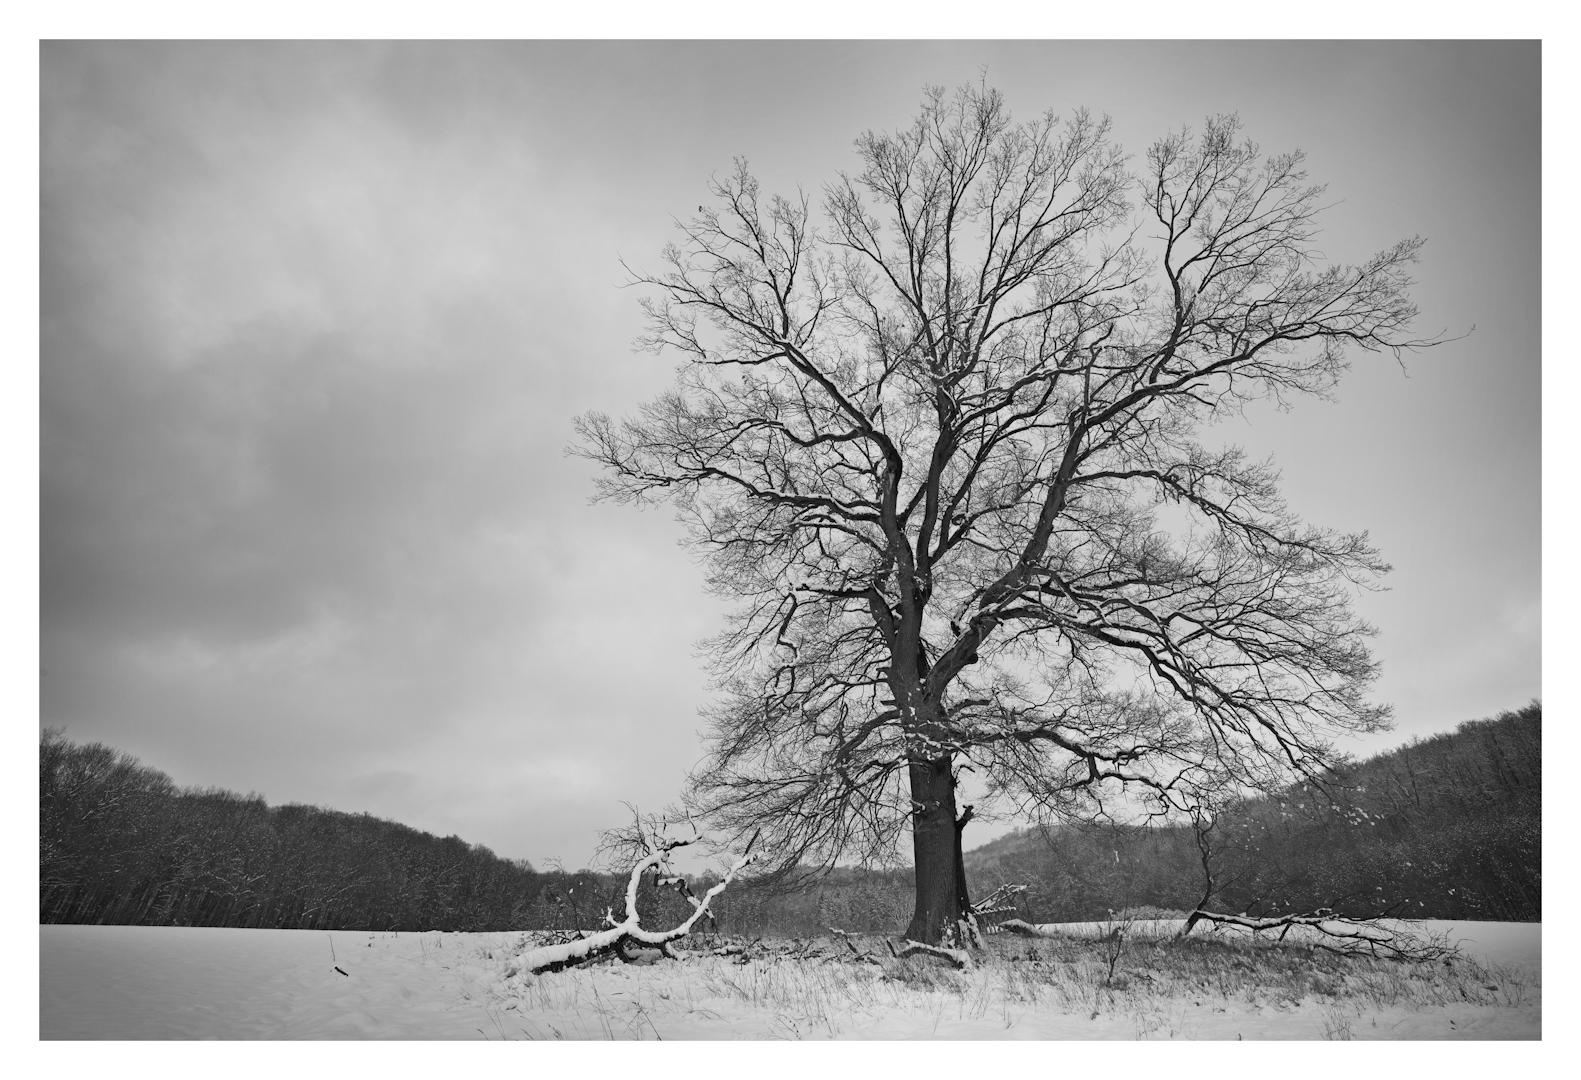 - Baum im Winter -